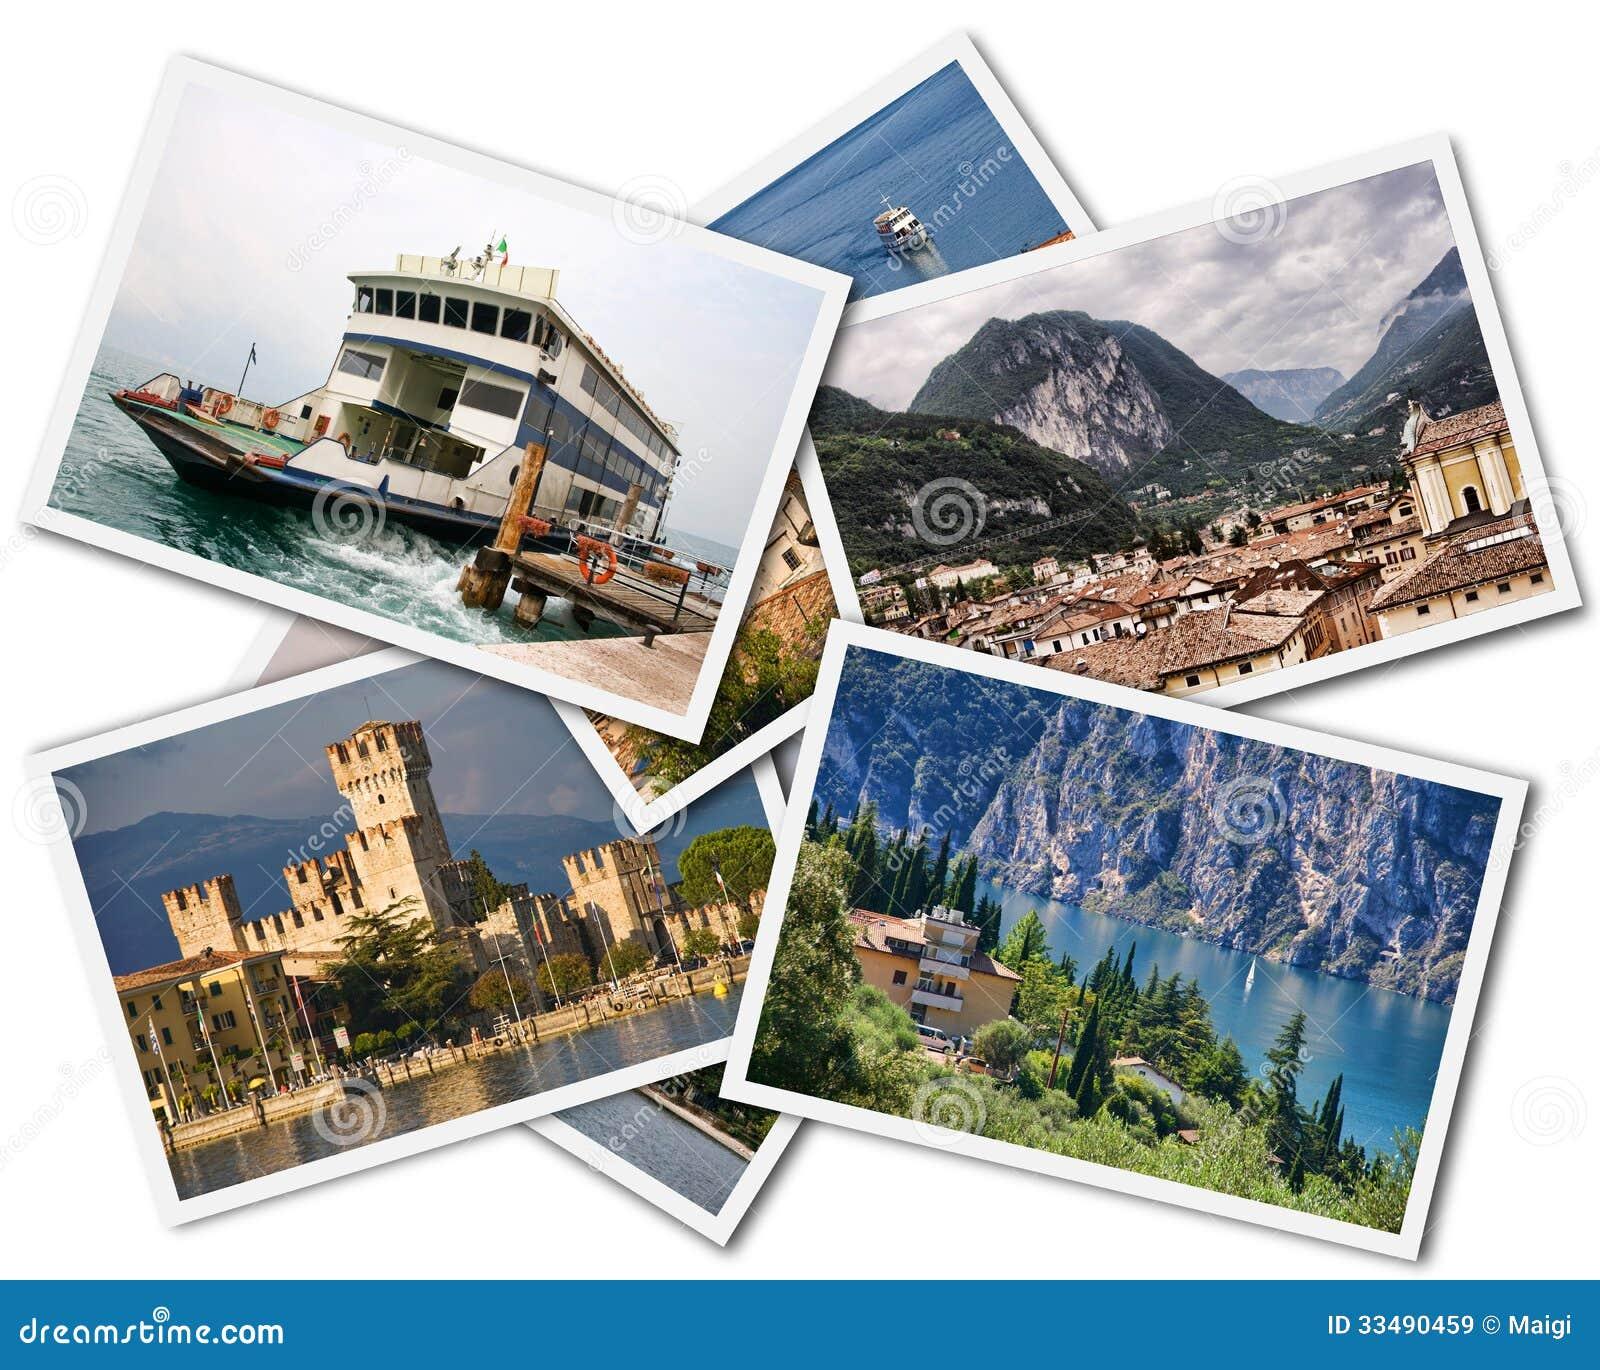 Download Lake Garda Collage stock image. Image of tourism, collage - 33490459